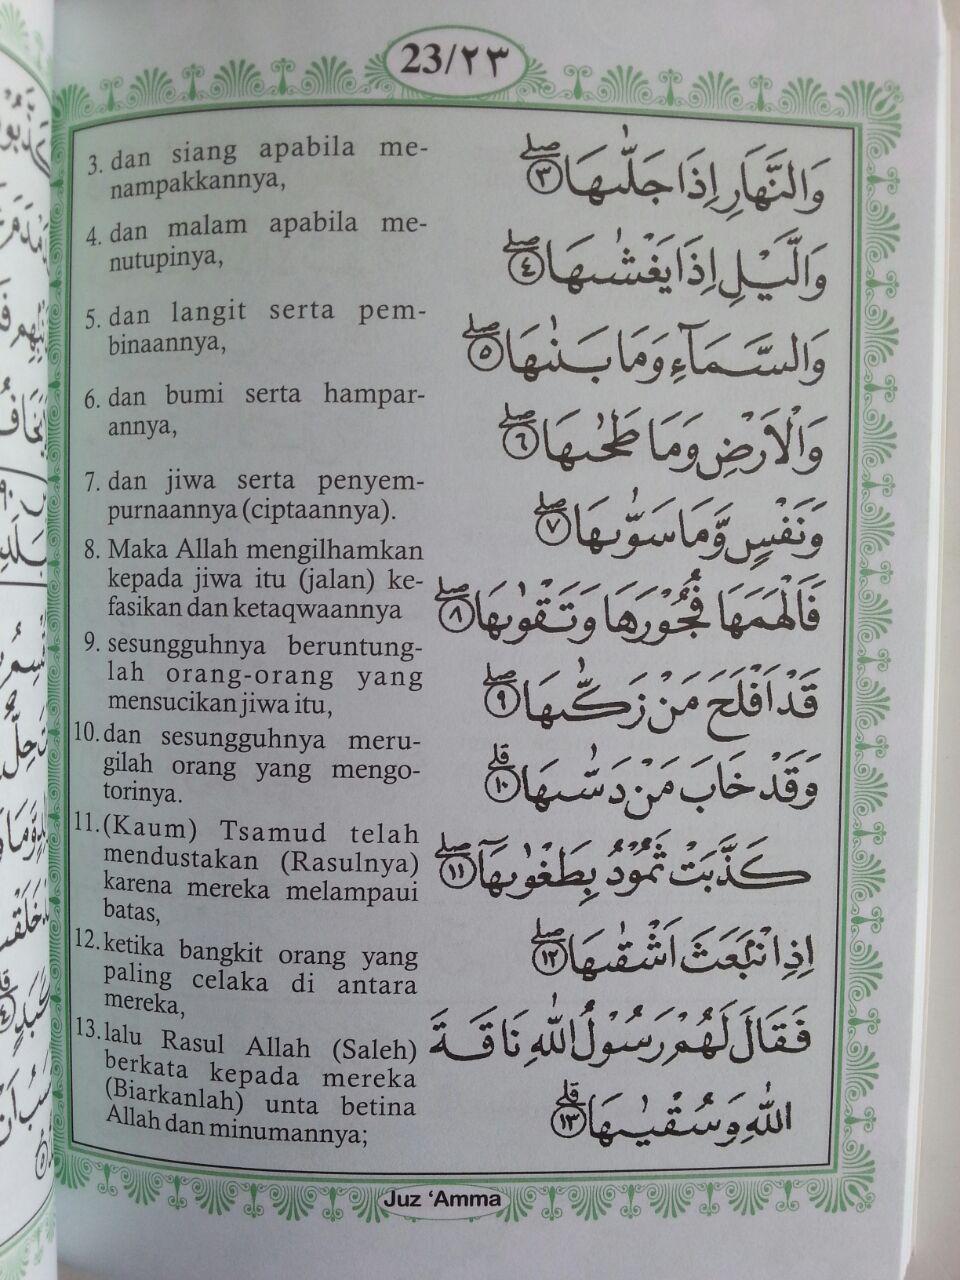 Buku Iqro Cara Cepat Belajar Membaca Al-Quran Plus Juz Amma Terjemah 2 Warna isi 2